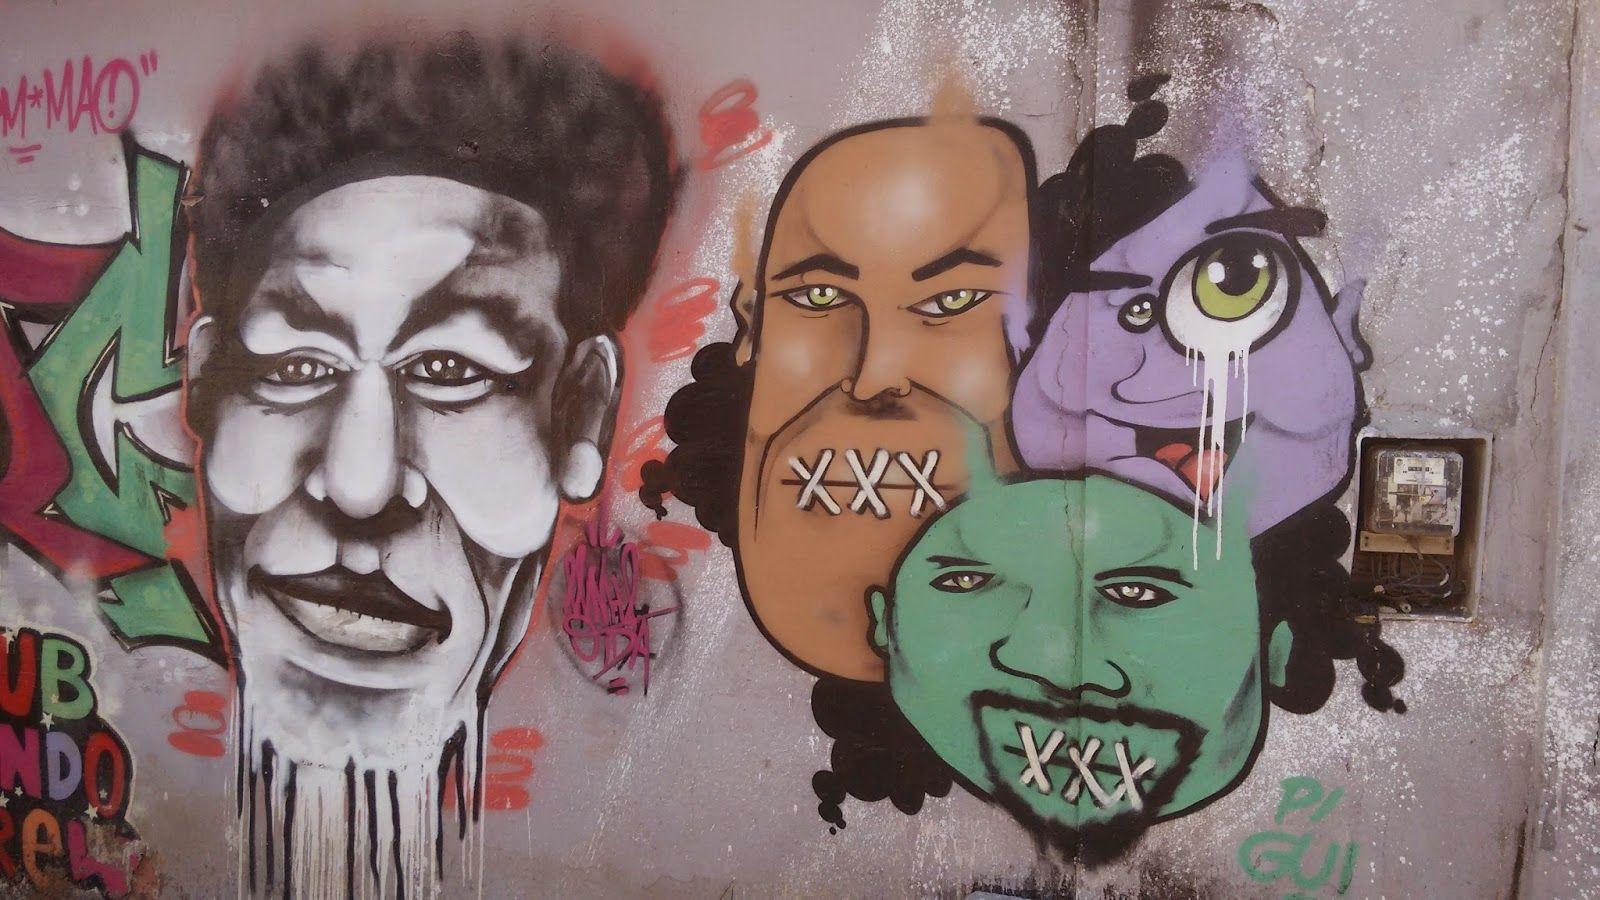 Divagando, Grafite e Design: Divagando sobre Mudanças, Posts e Grafites